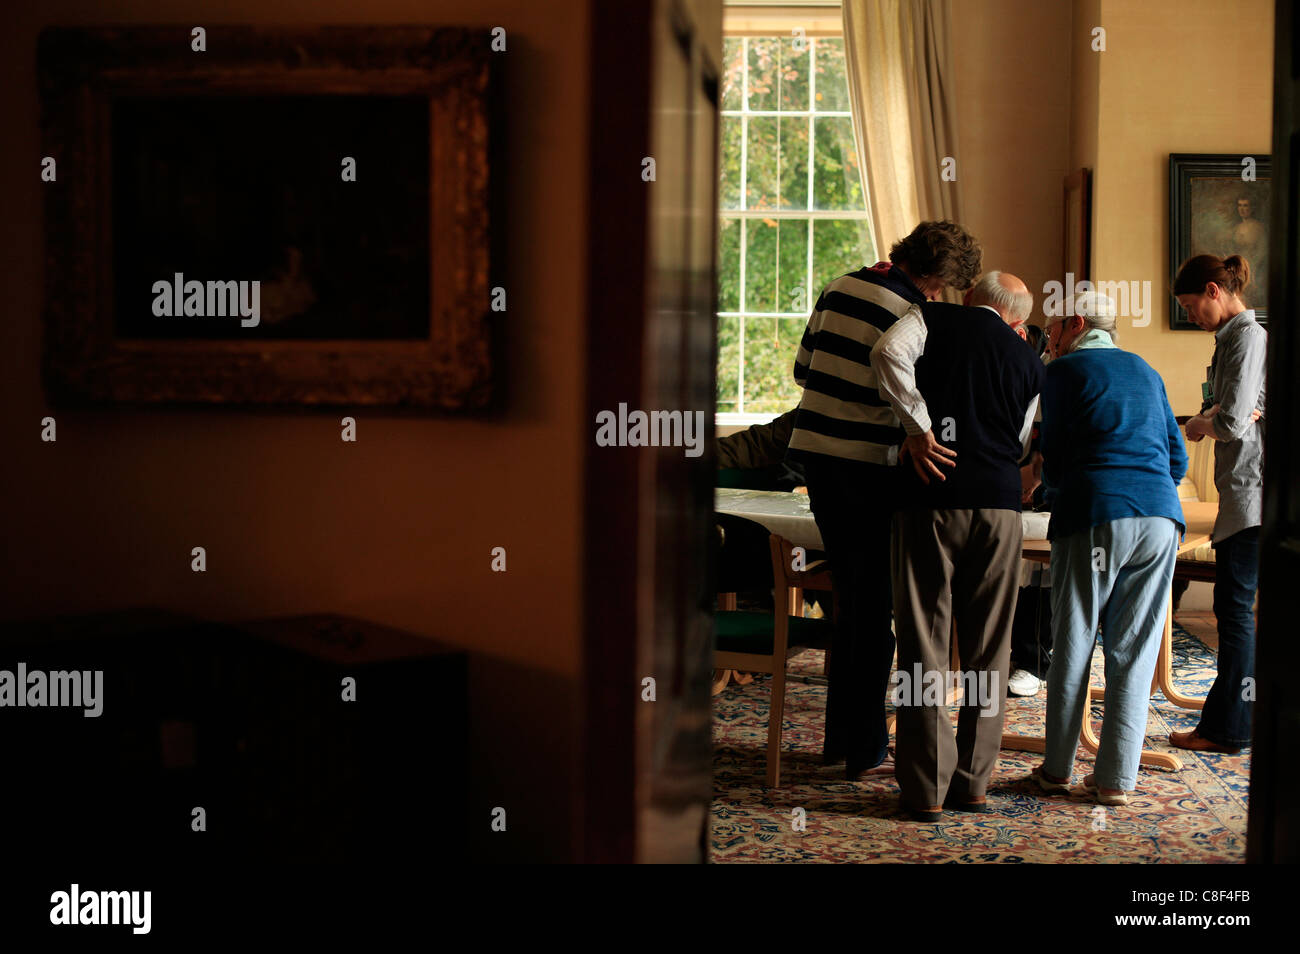 Le persone anziane si riuniscono per visualizzare libri all'interno di una casa storica Immagini Stock